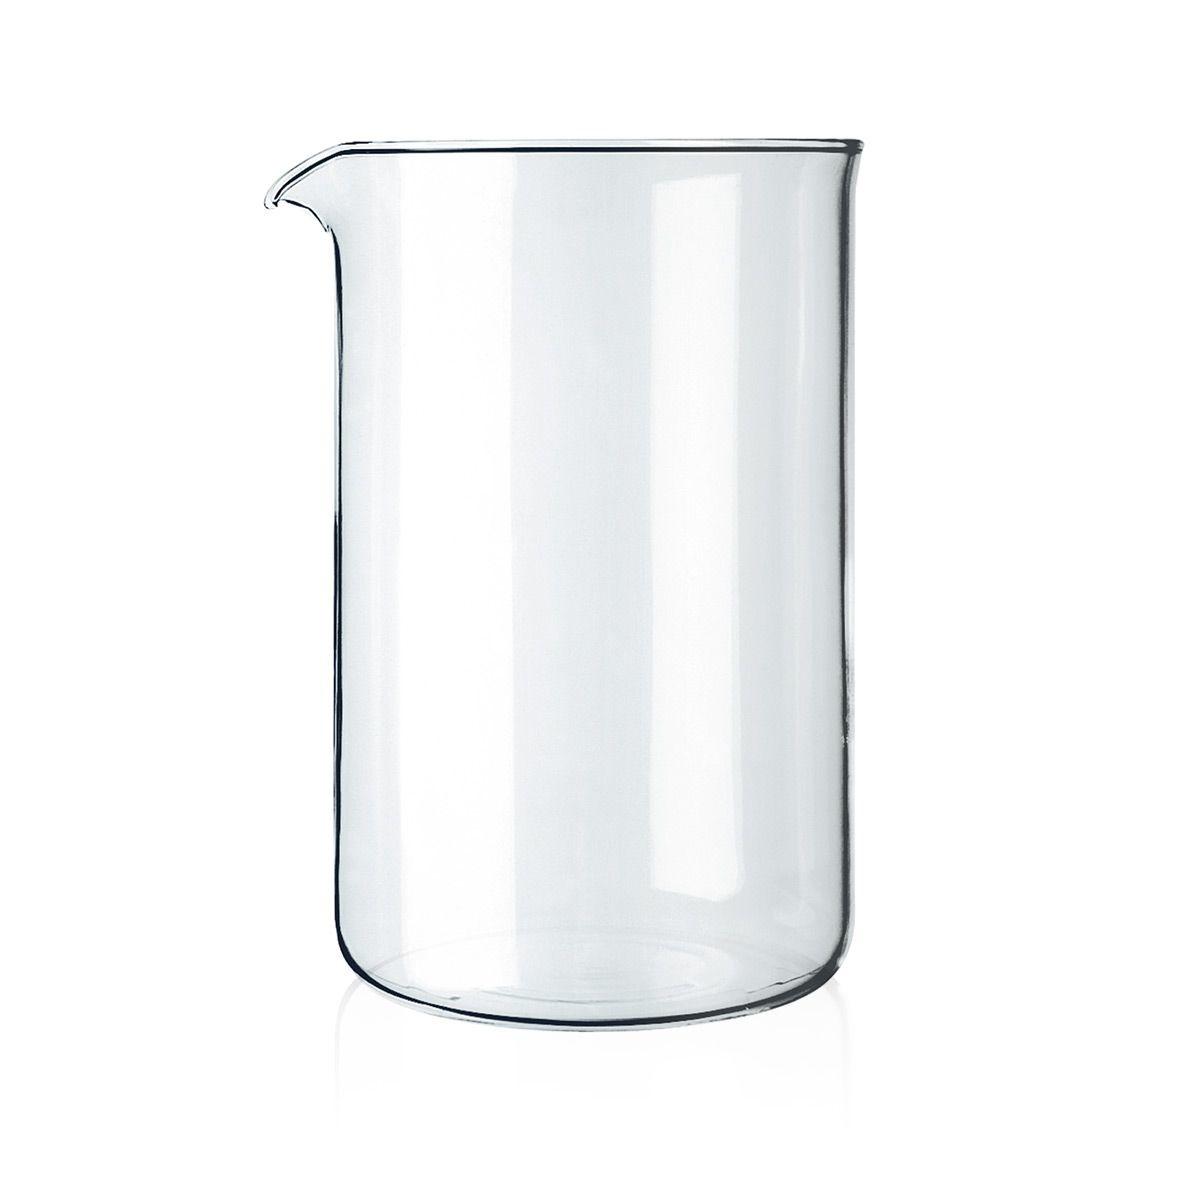 BOD 12C SPARE GLASS-1